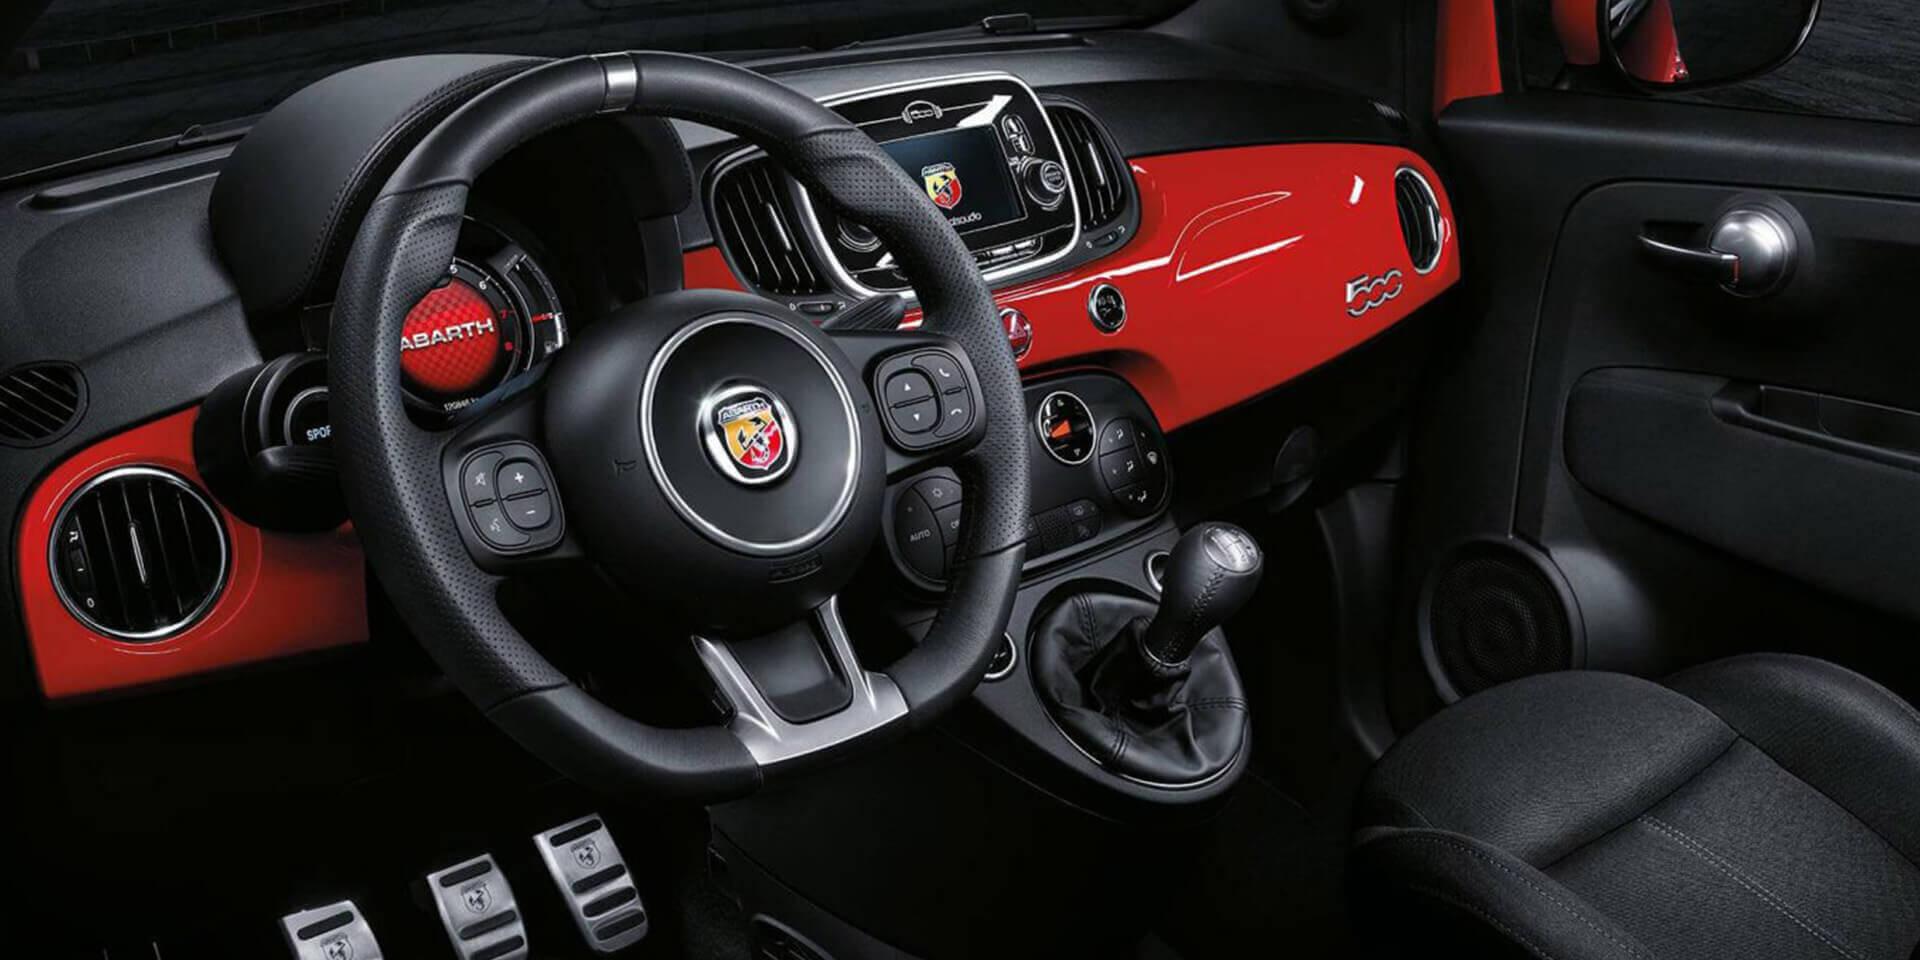 Migliori auto sportive low cost Abarth 595 2